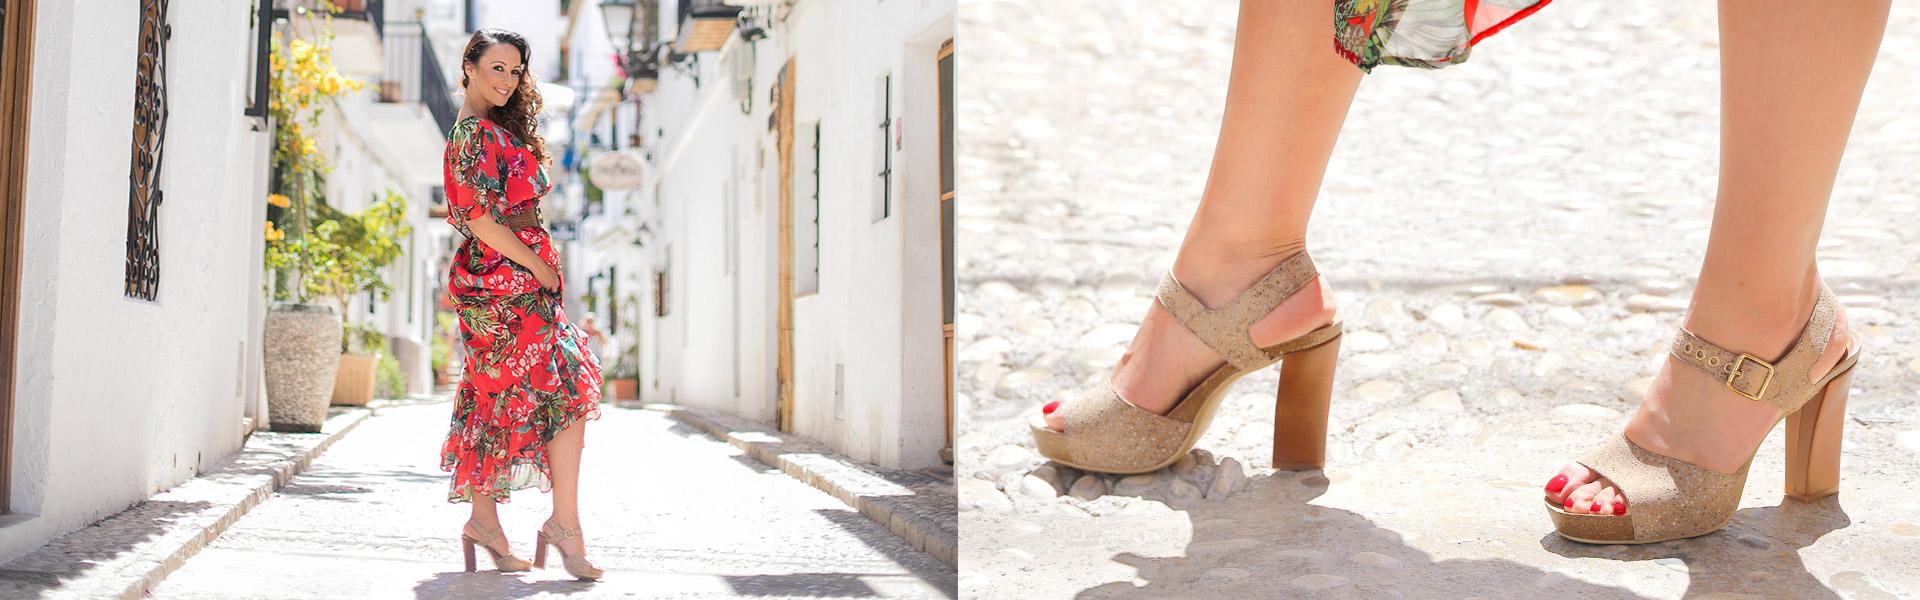 Calidad Online En De España Tienda Zapatos Hechos Bianca Moon Nm8nv0w